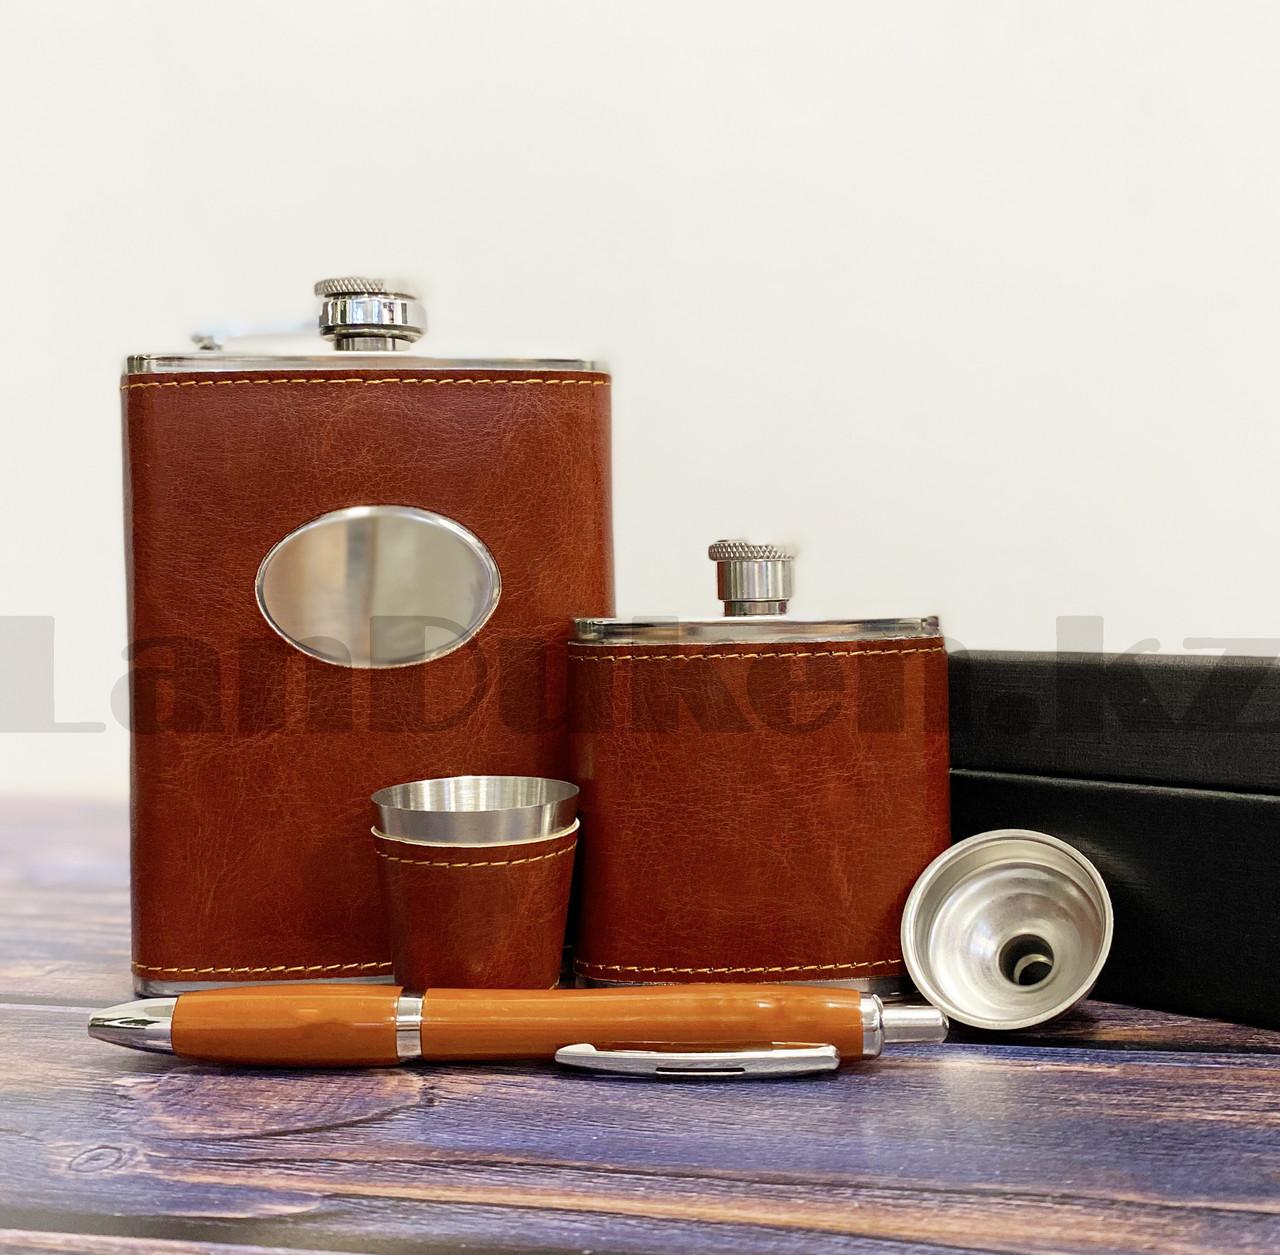 Мужской набор (фляга 250 мл фляга 100 мл рюмка воронка ручка) в подарочной коробке - фото 5